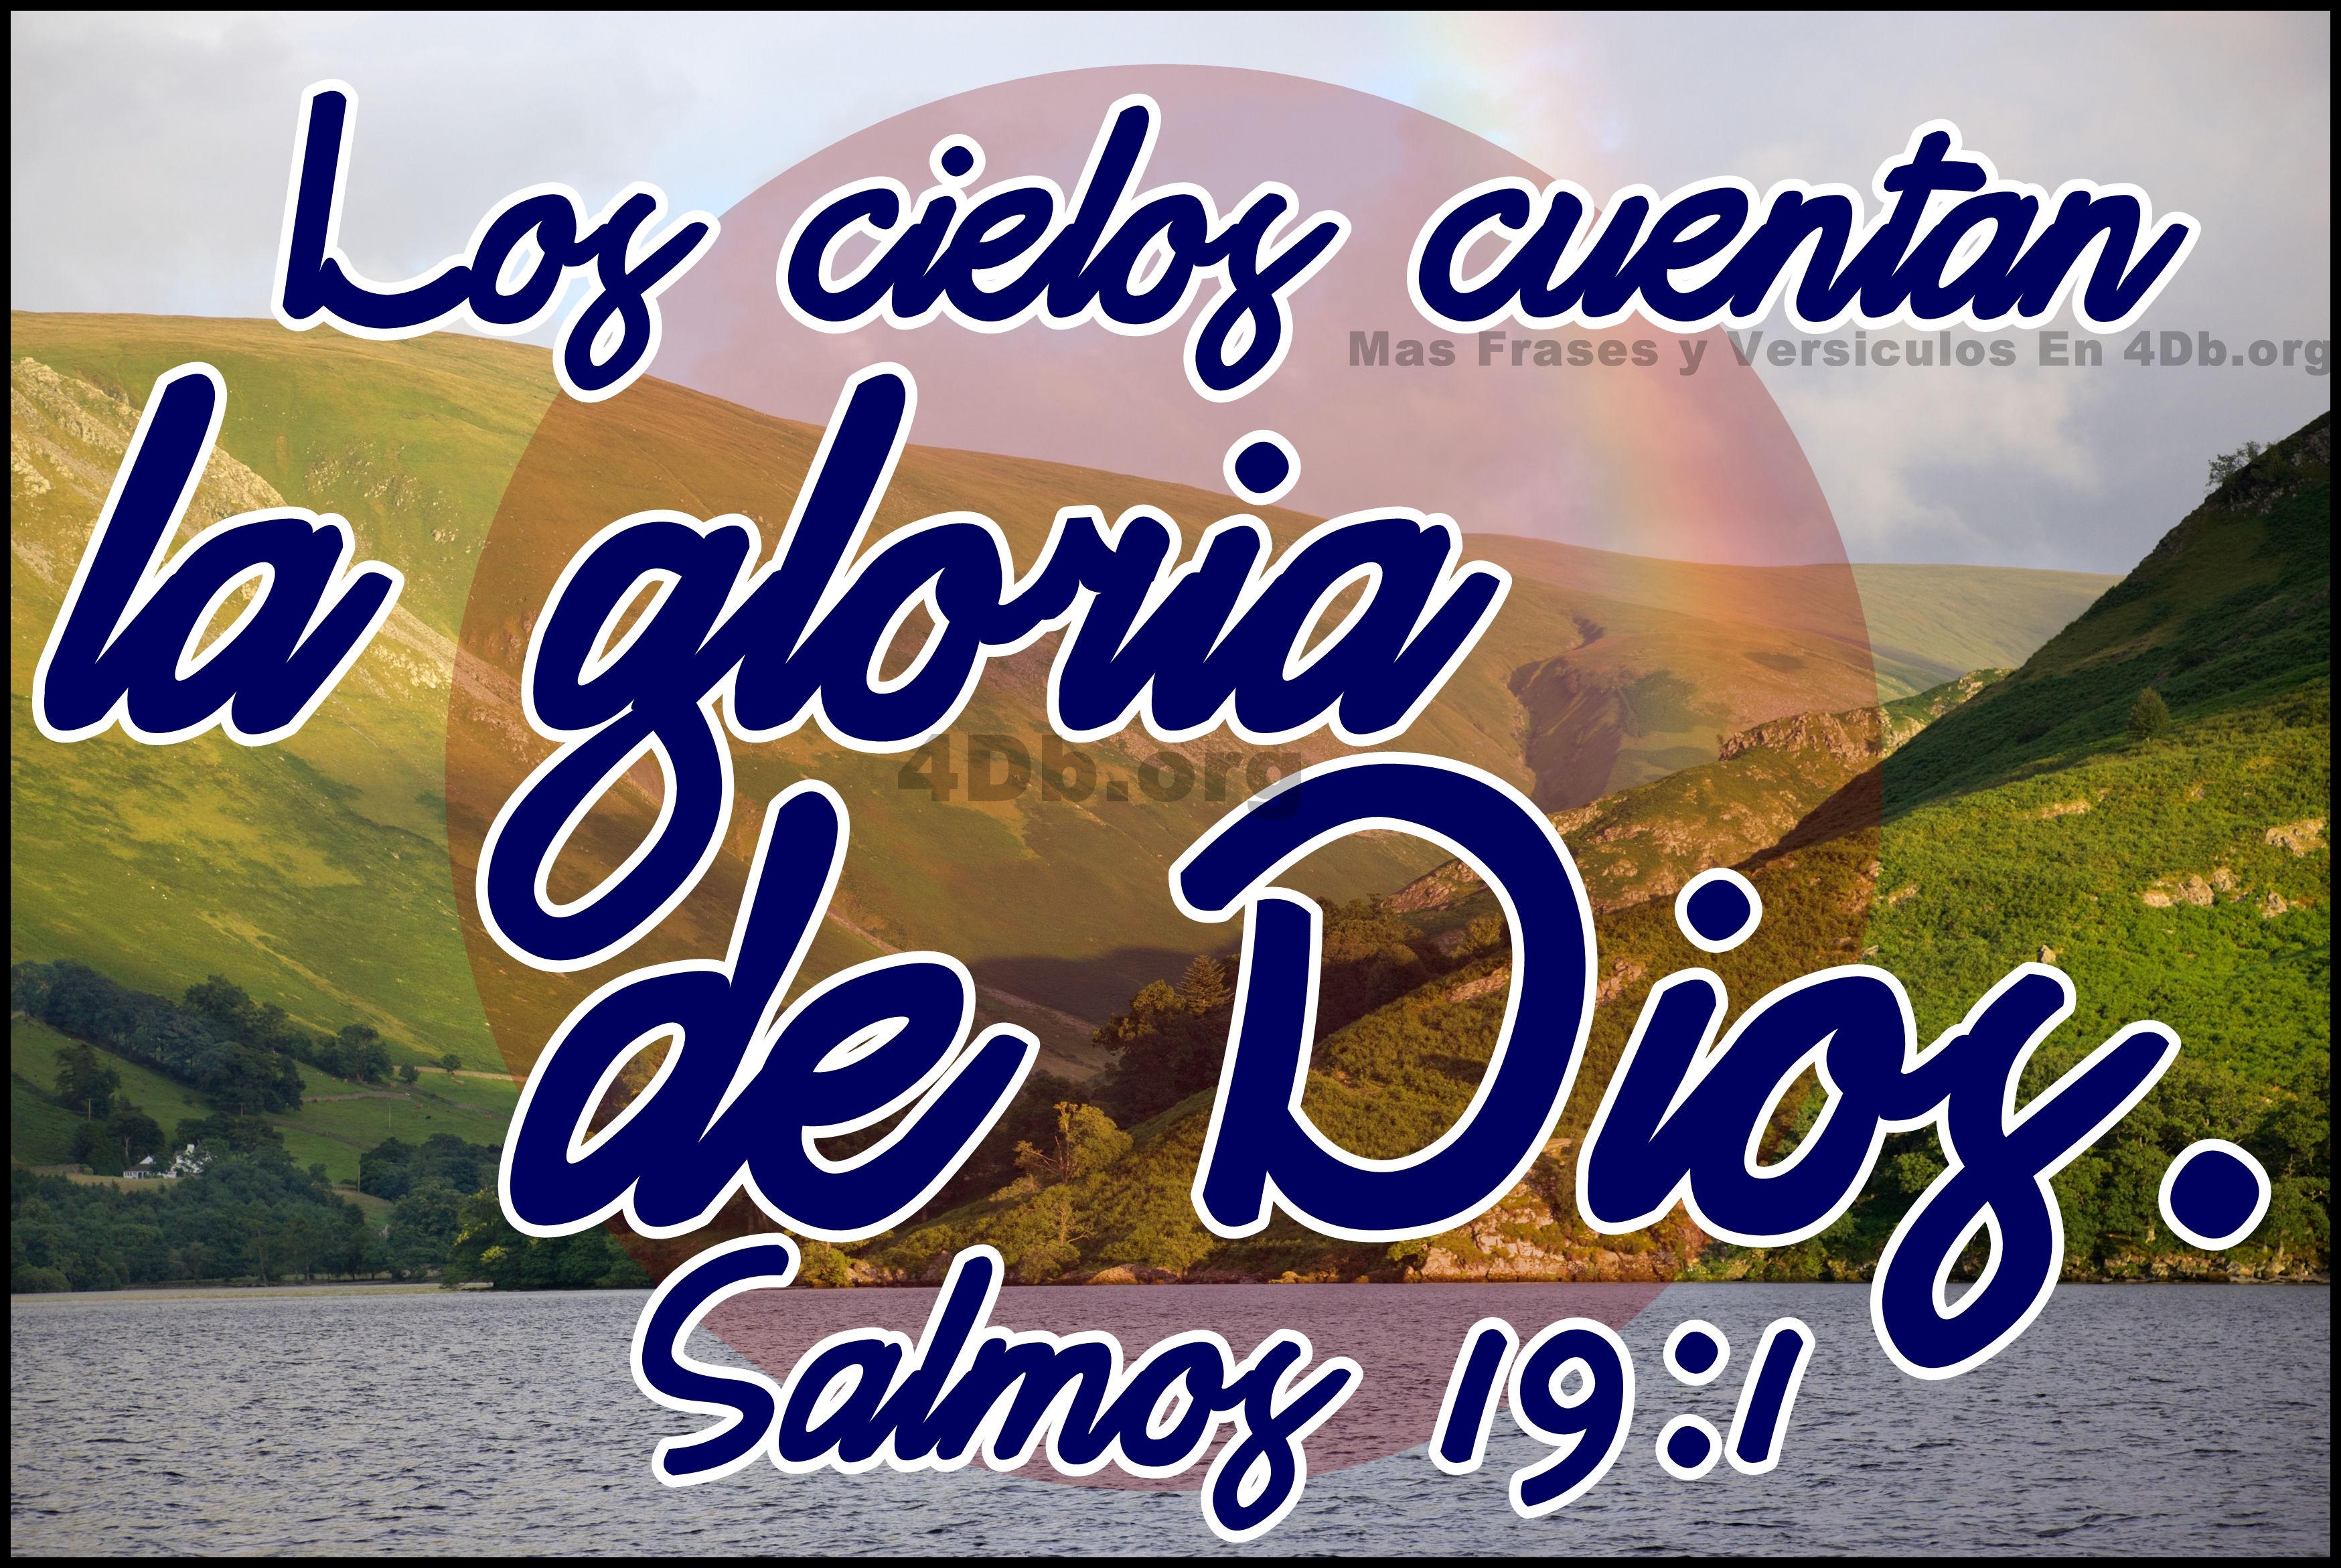 Salmos 19 1 1024x685 Dios Es Bueno Frases Y Reflexiones Salmos 19 1